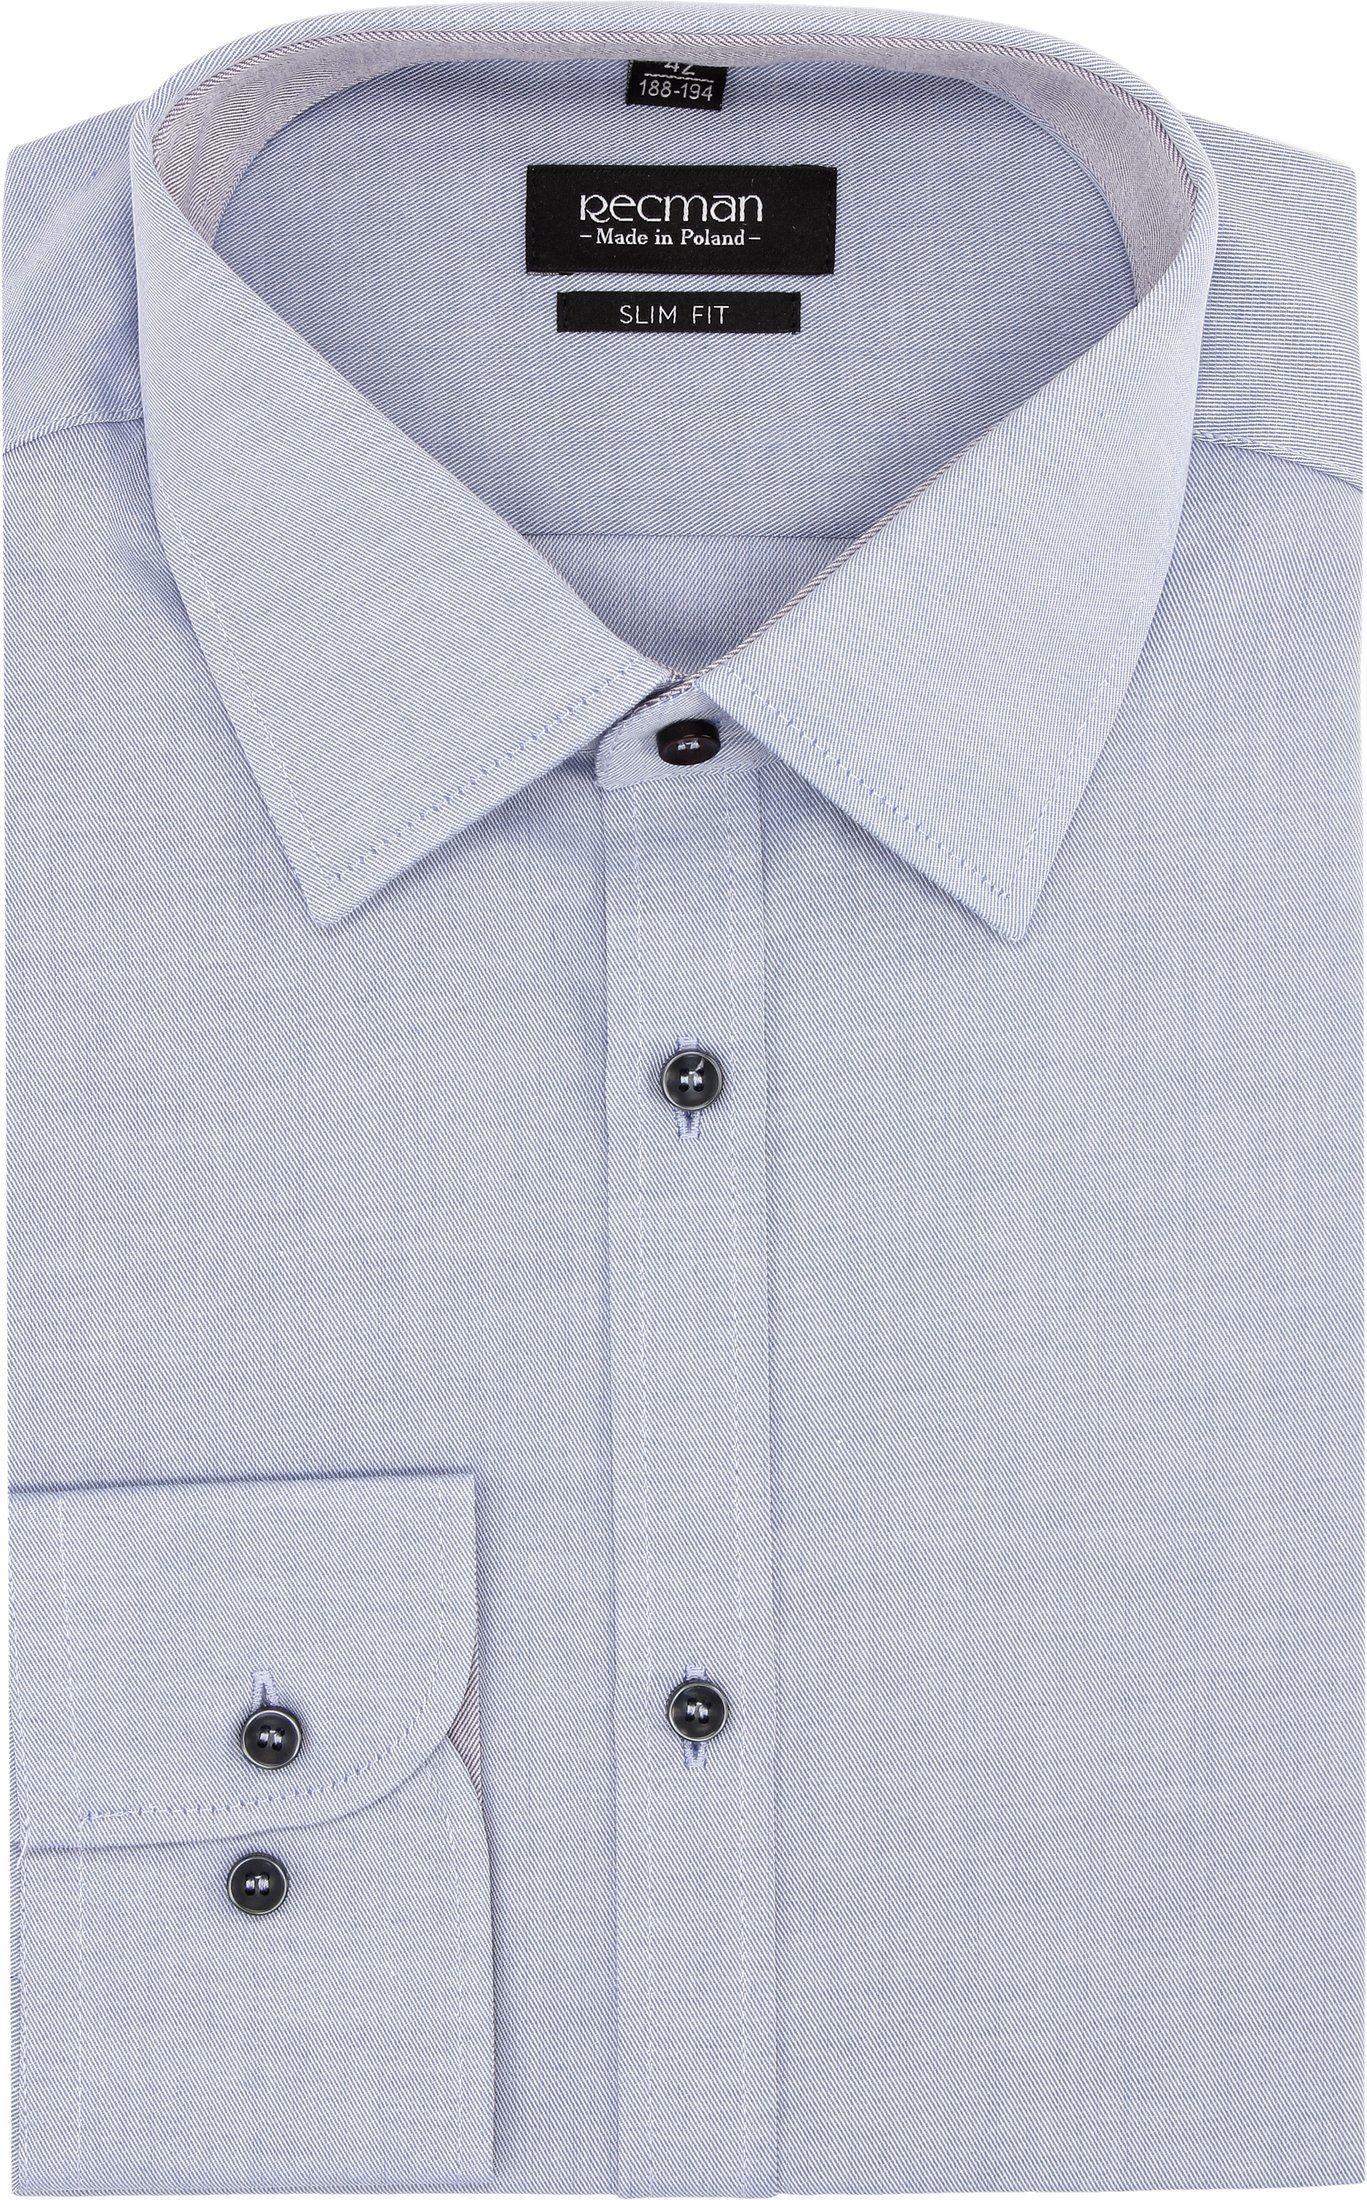 koszula bexley 2325 długi rękaw slim fit niebieski